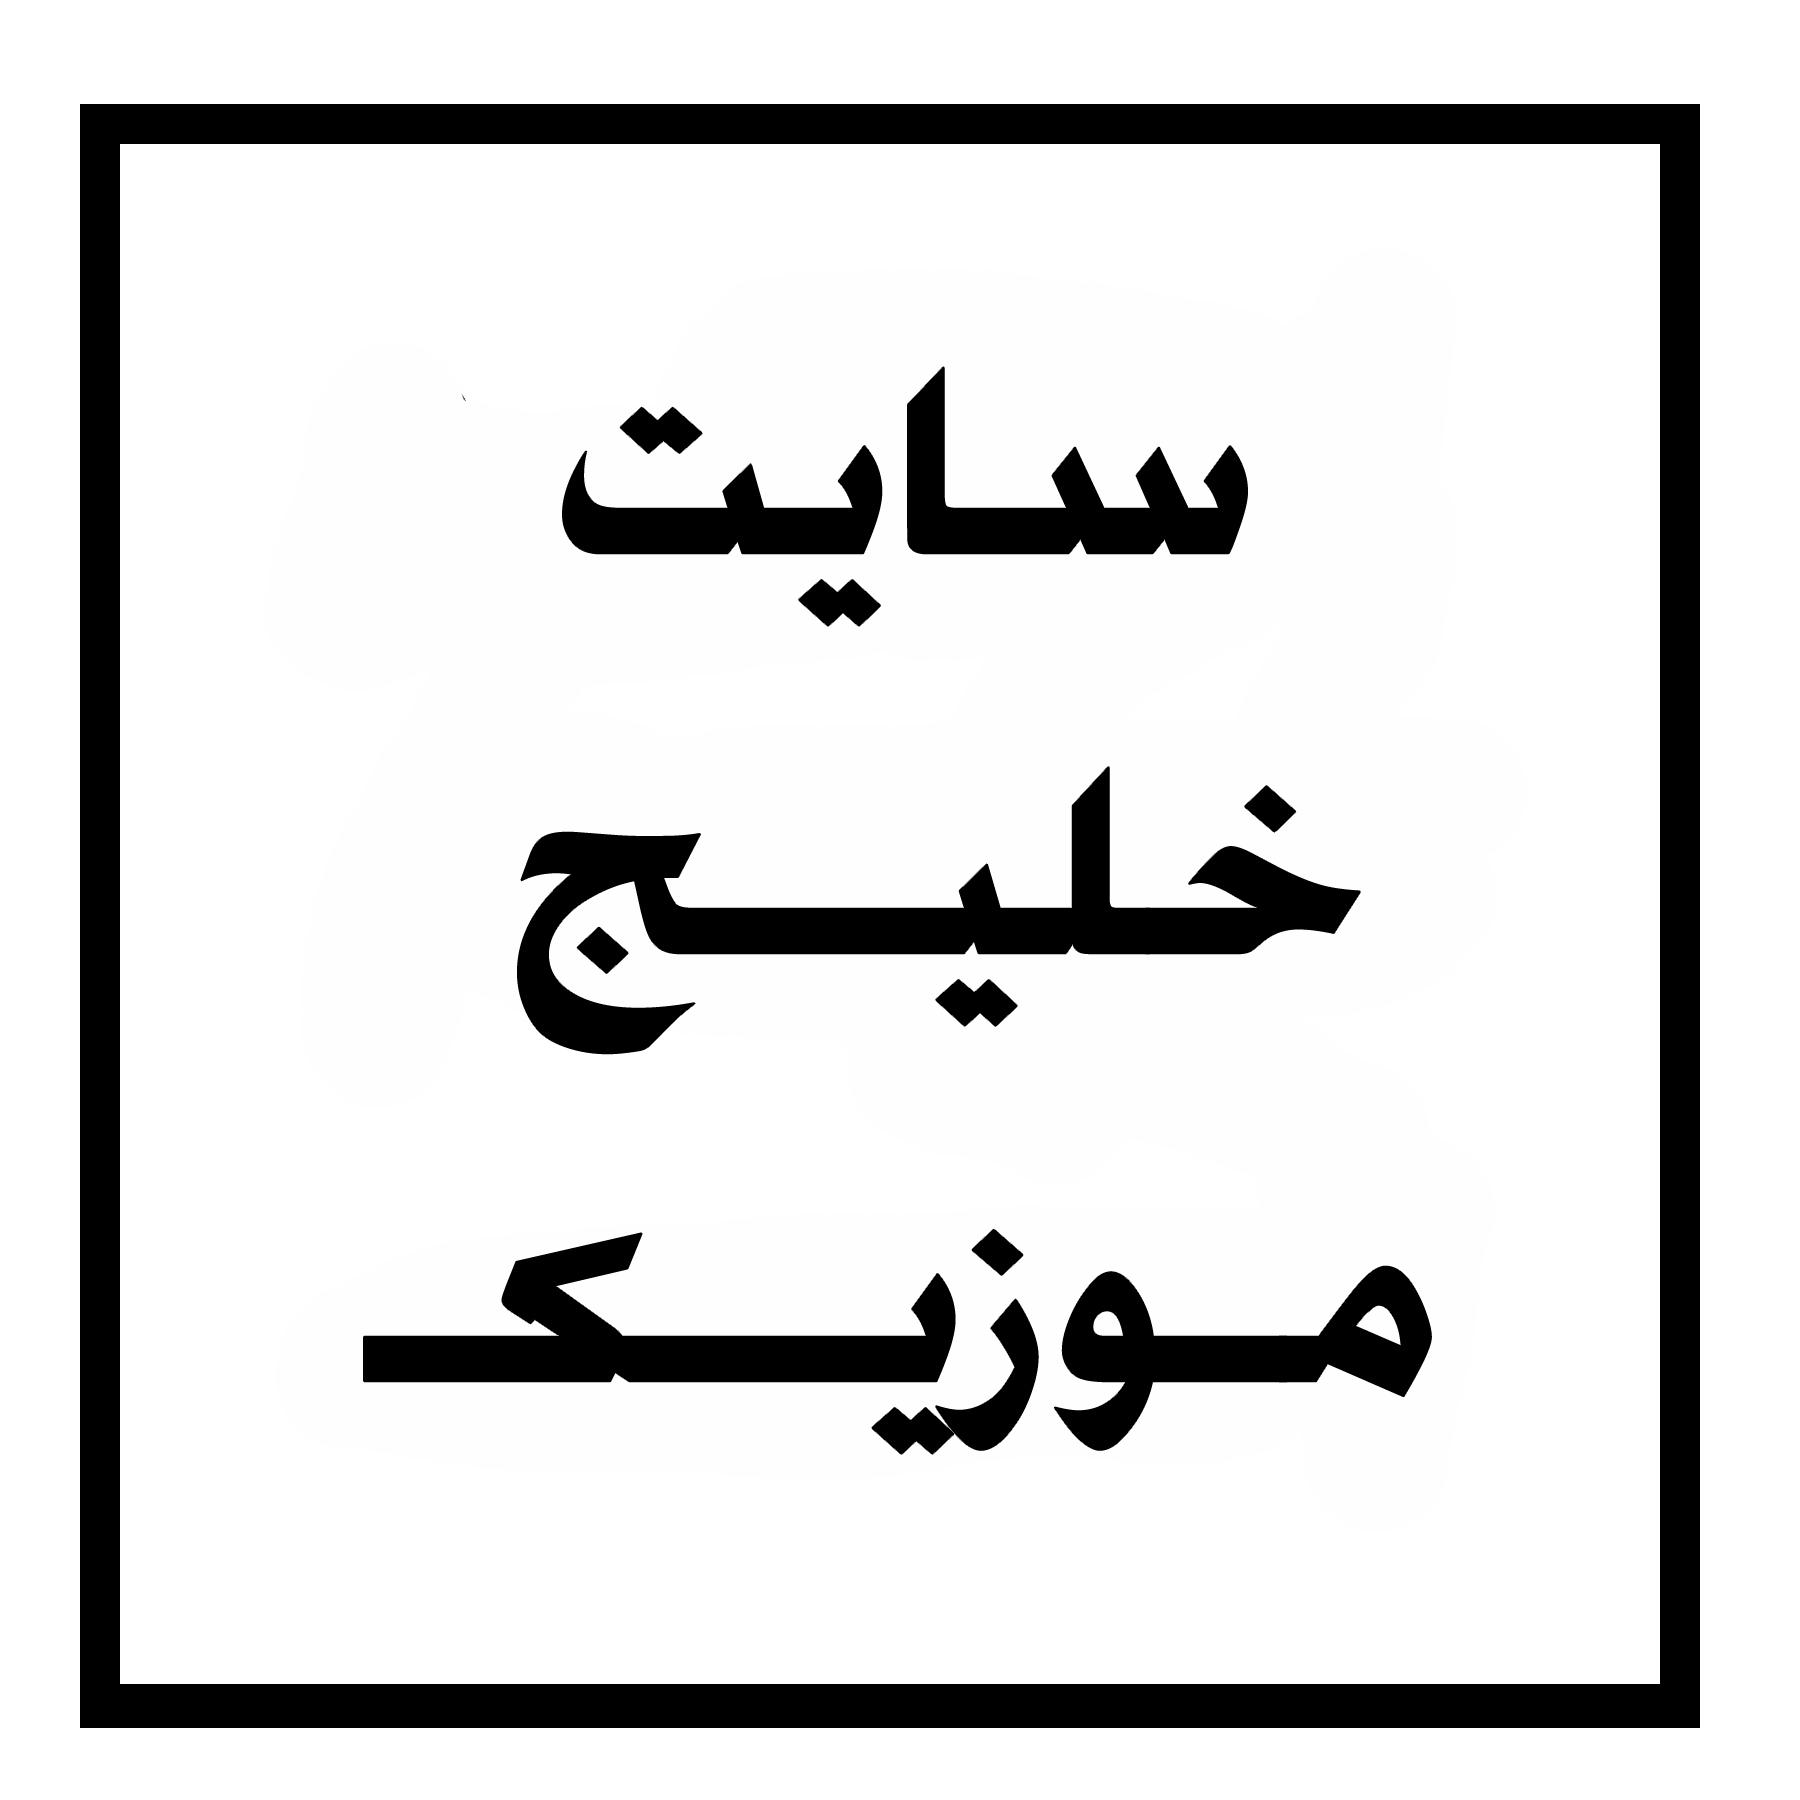 مهدی راستی و مجتبی تابدار دانلود آهنگ جدید اجرای زنده و بسیار زیبا و شنیدنی بصورت حفله